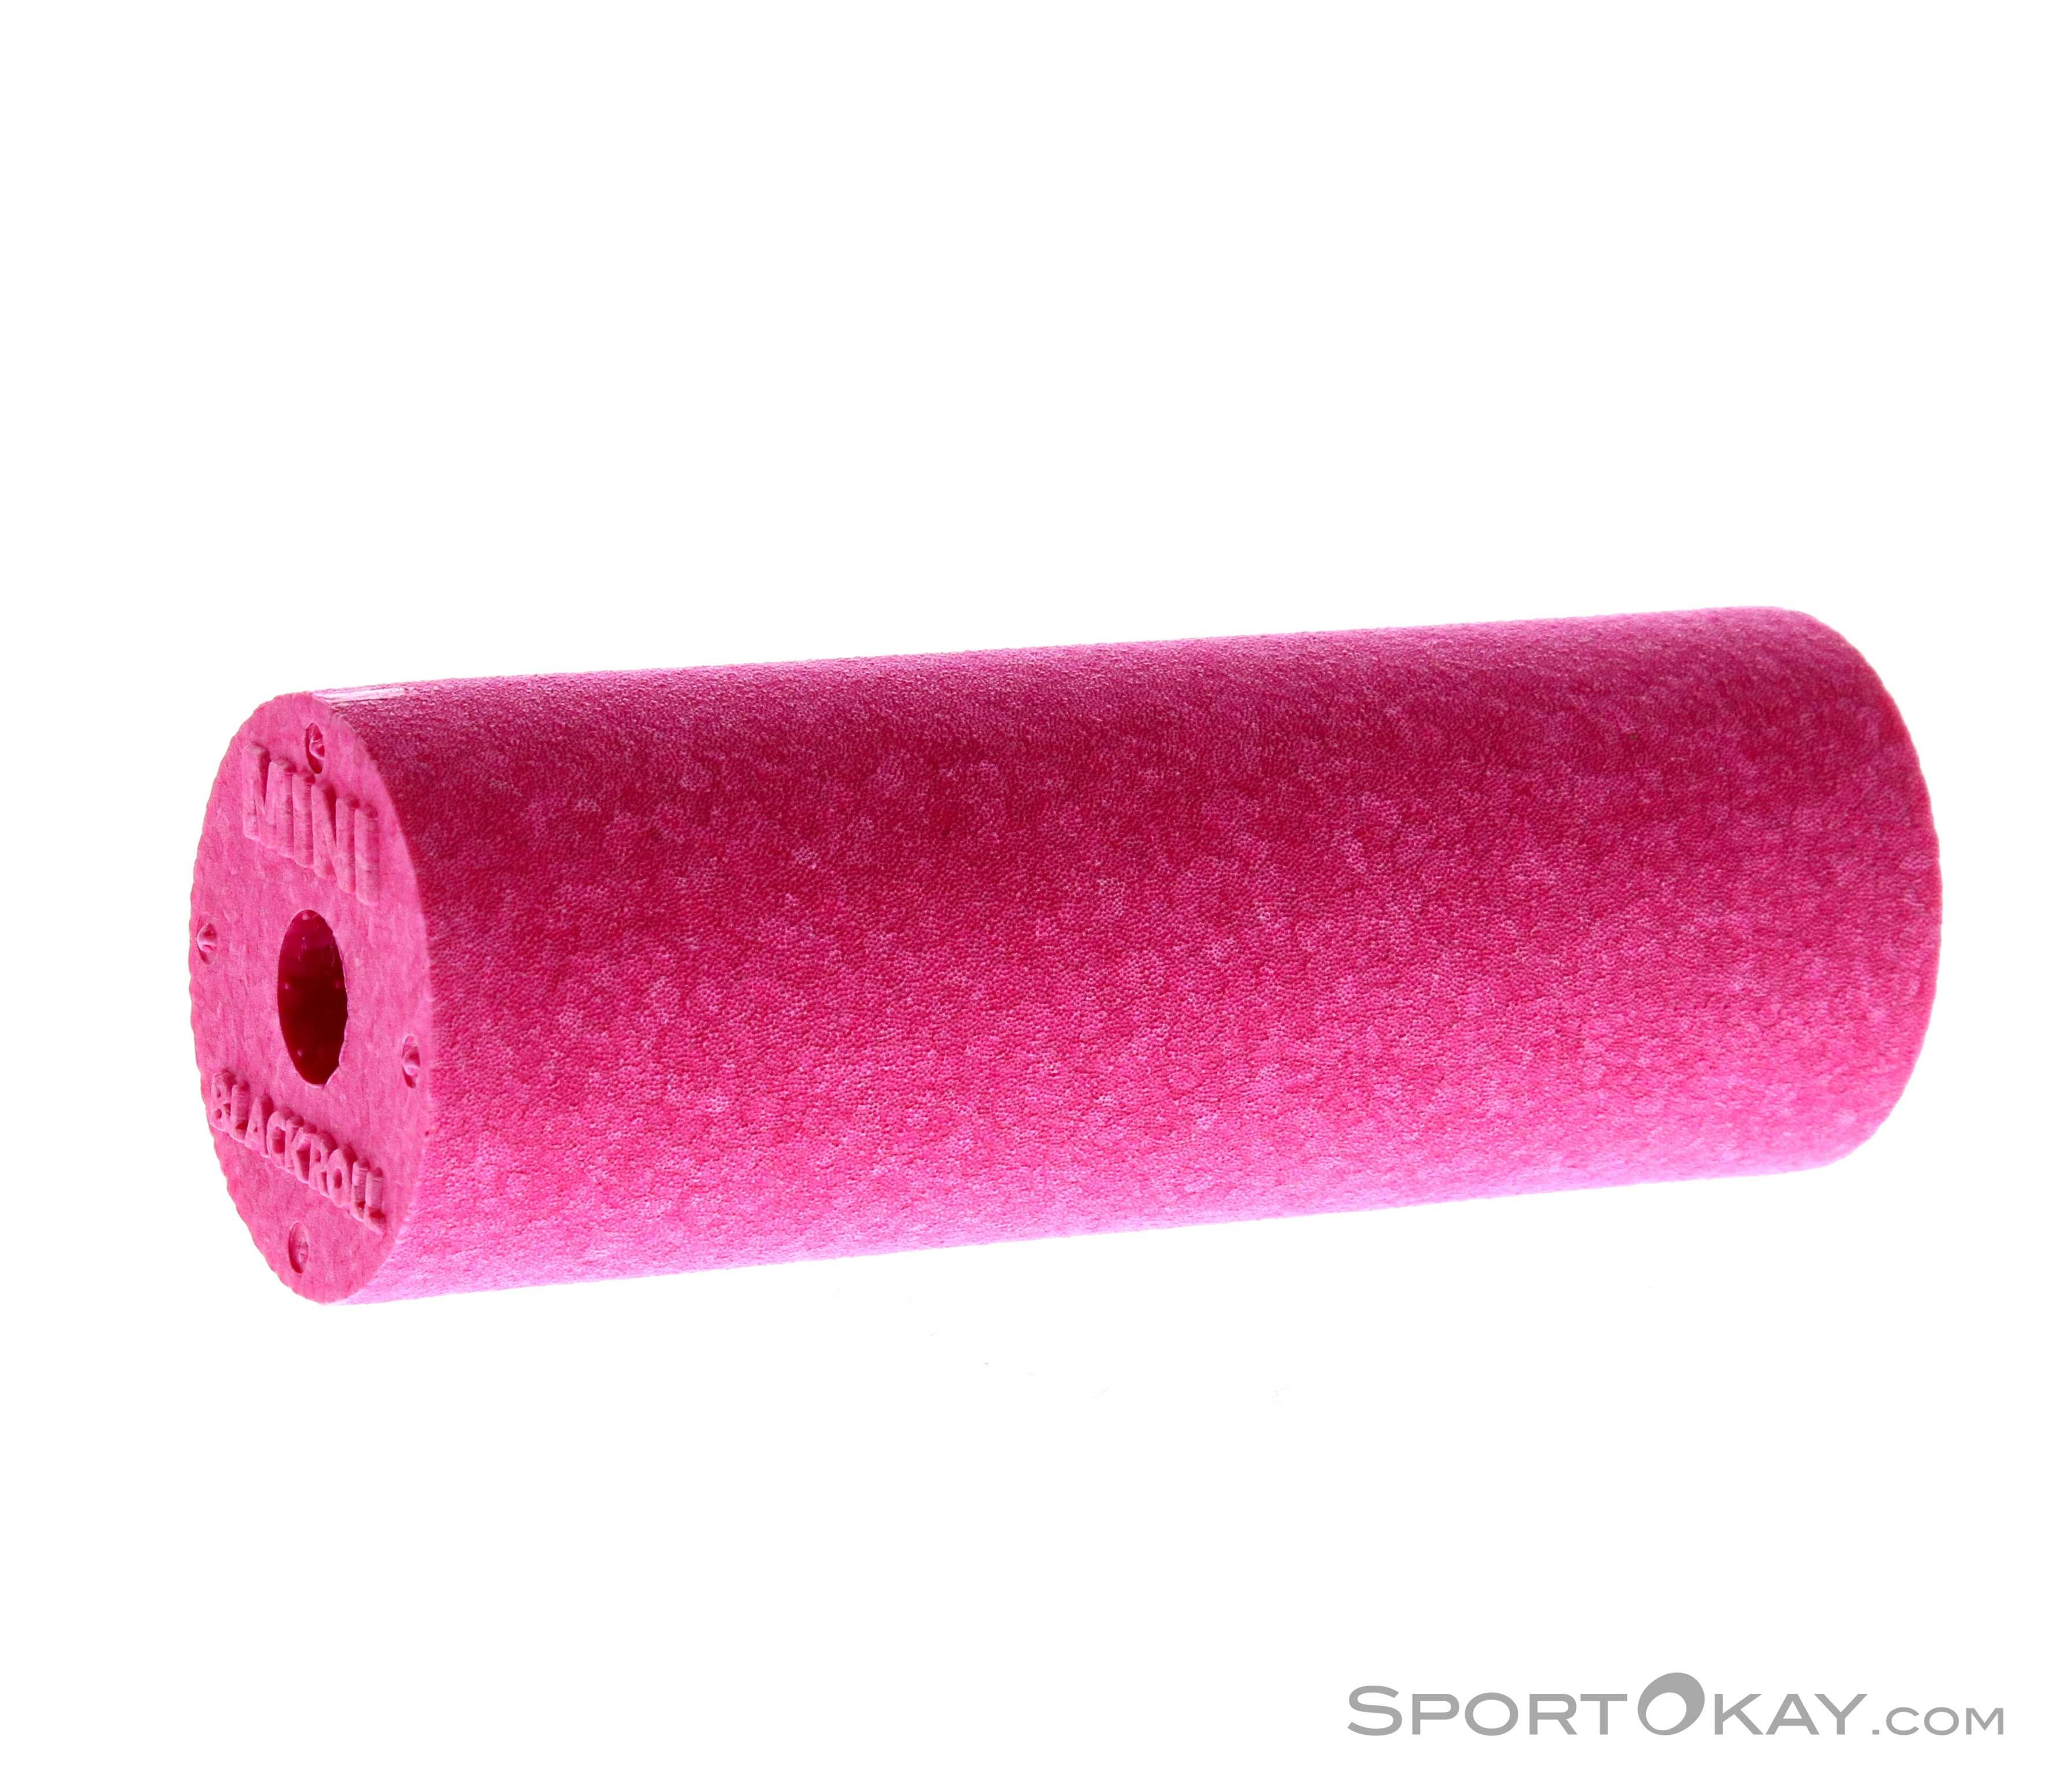 Blackroll Mini Faszienrolle, Blackroll, Pink-Rosa, , , 0222-10014, 5637476870, 4260346270239, N1-01.jpg